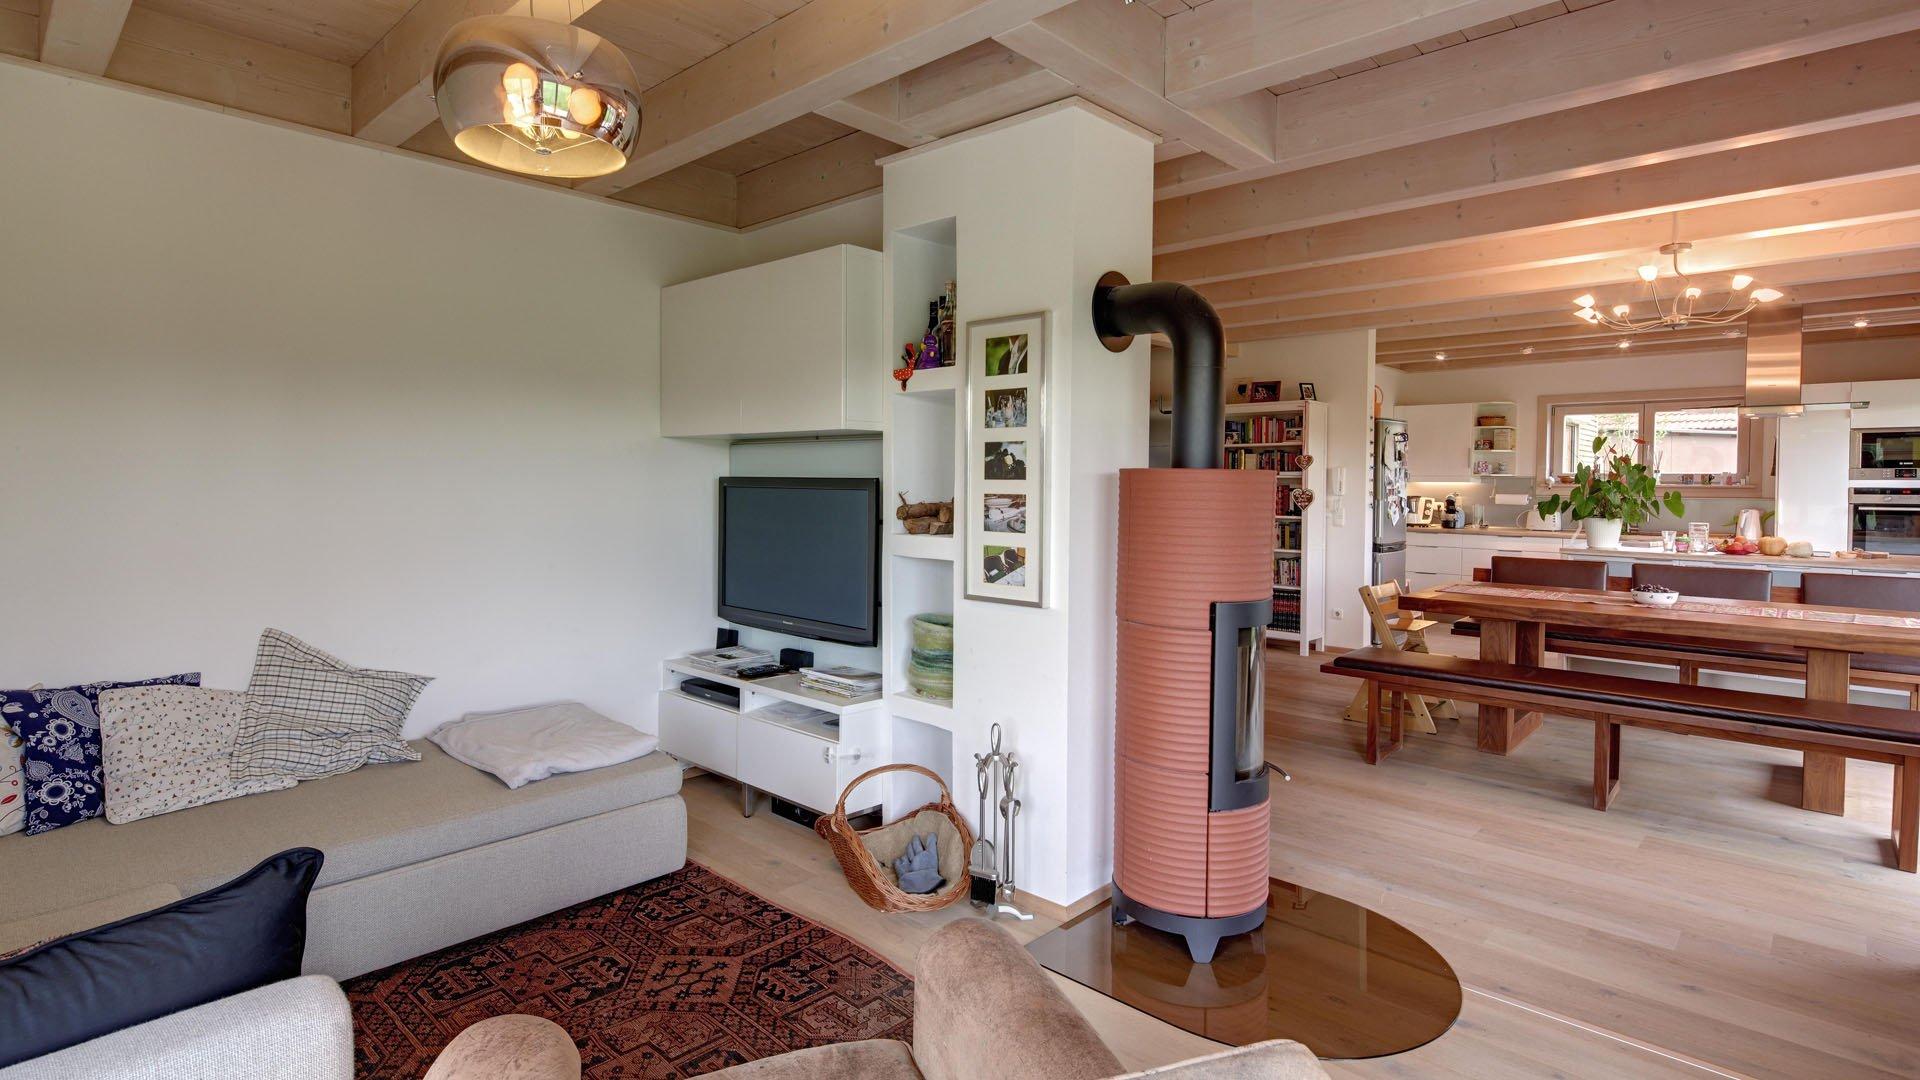 Wohn-/Esszimmer mit Kaminofen